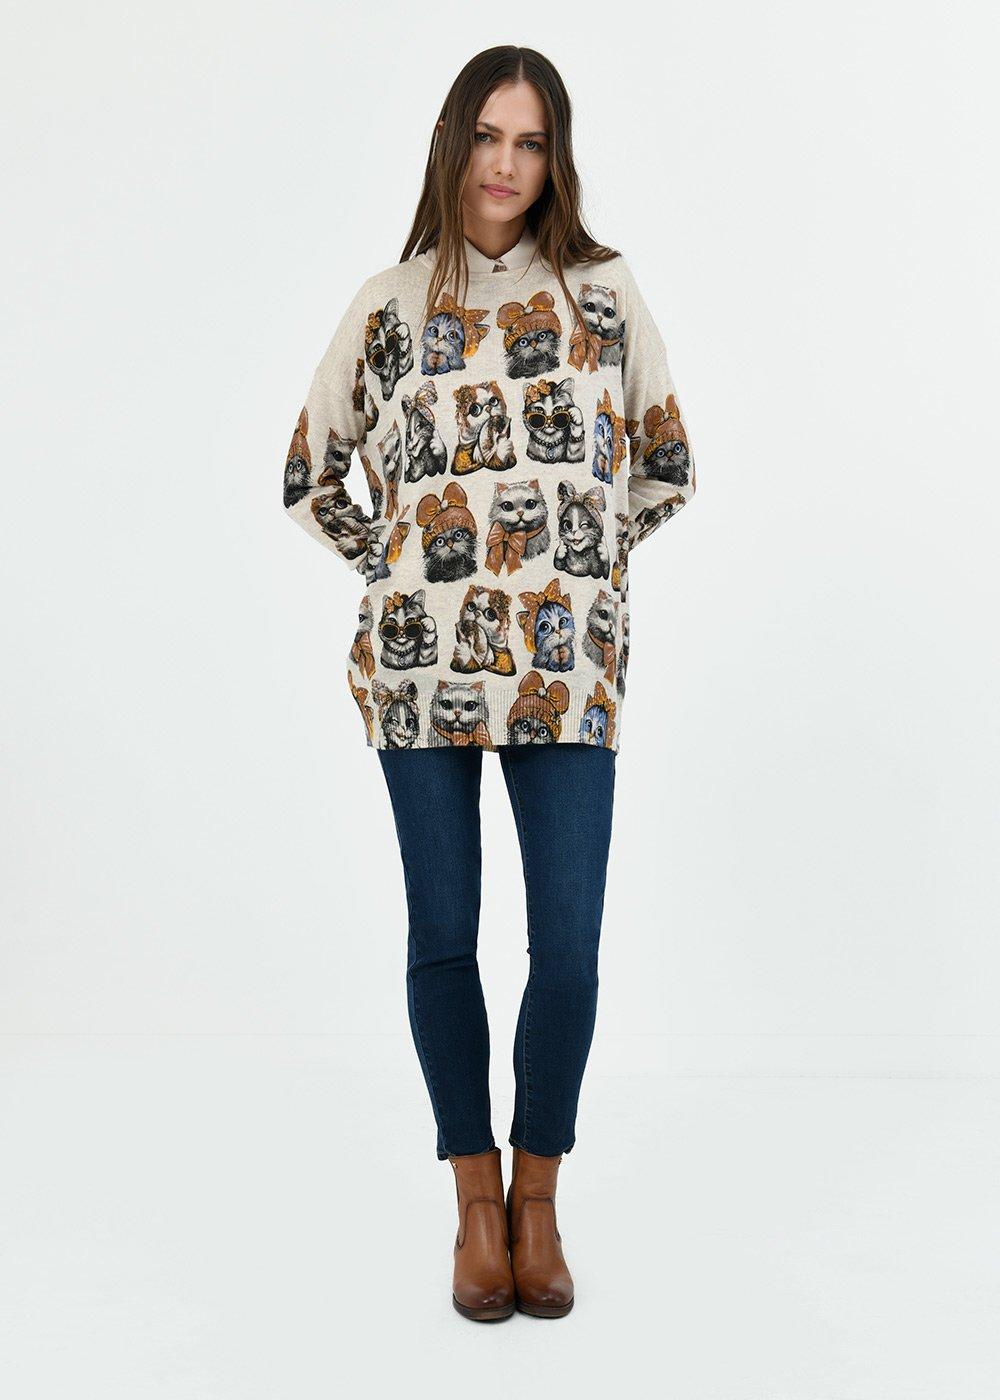 Monique T-shirt with cat print - Light Beige\ Black\ Fantasia - Woman